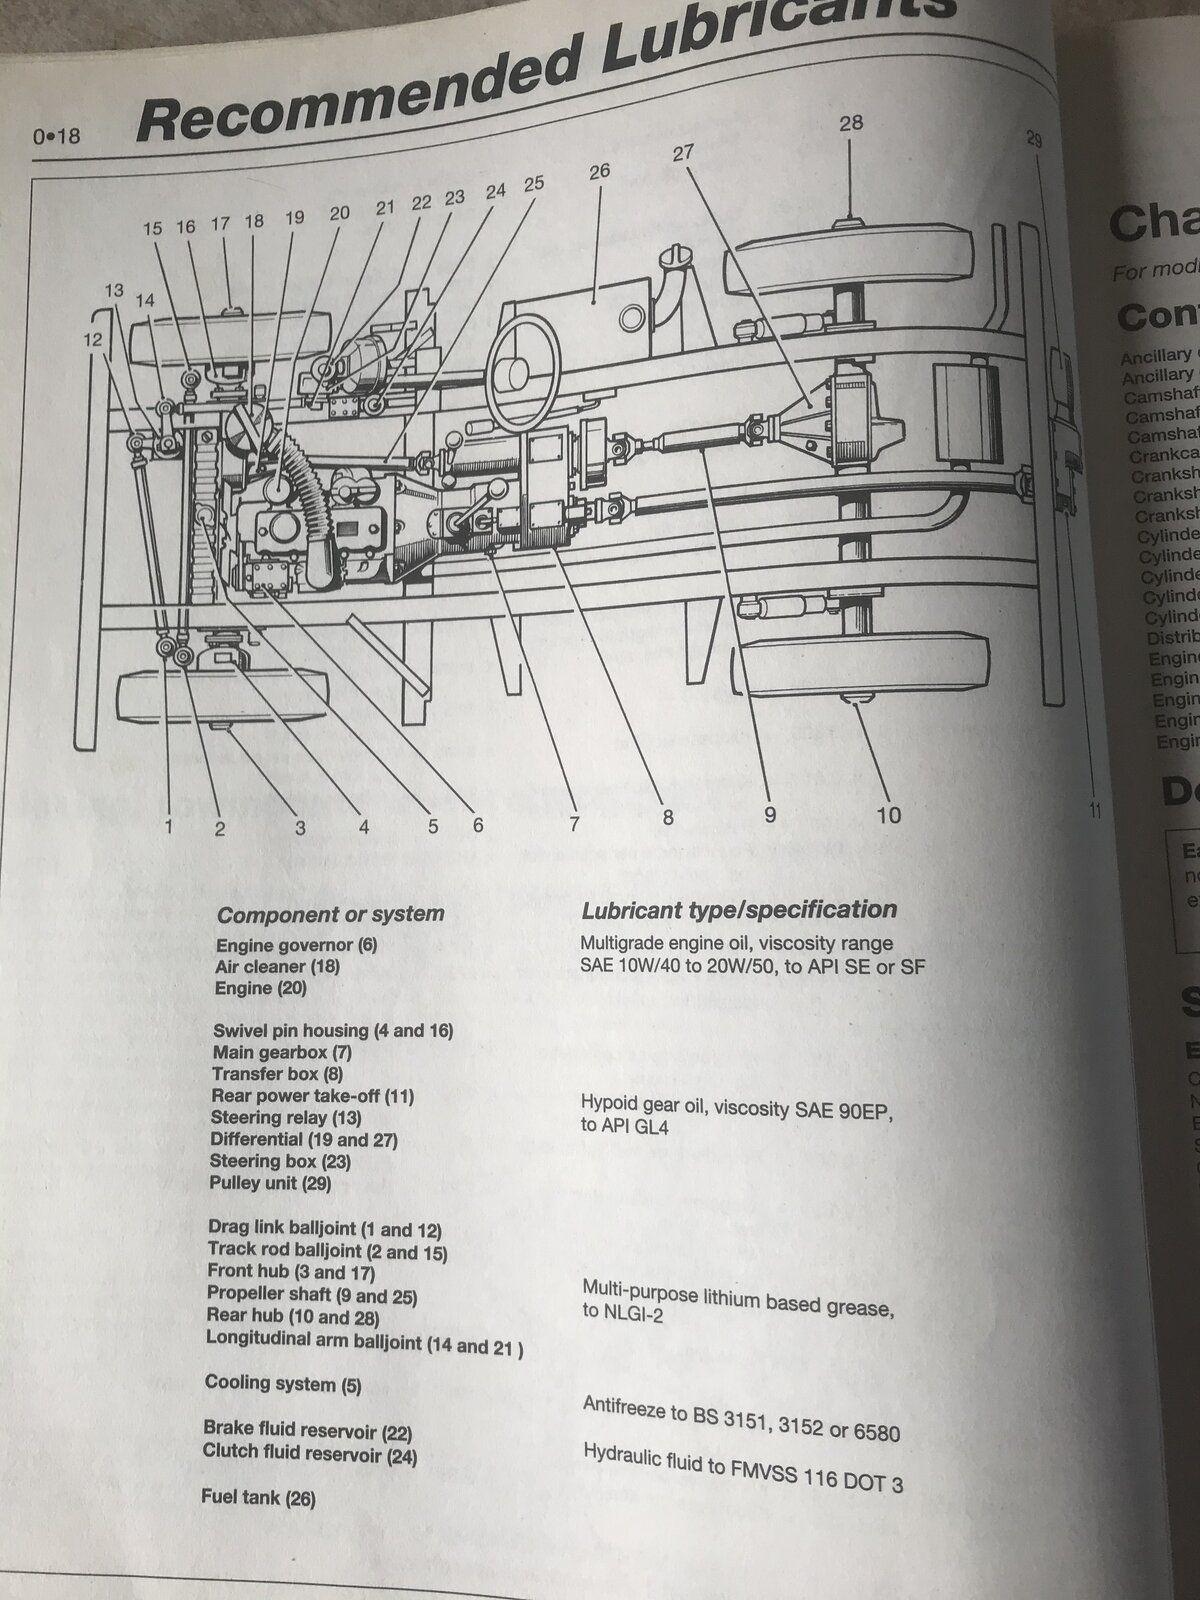 DA0634AF-1729-4066-A402-BC622E2AAF54.jpeg